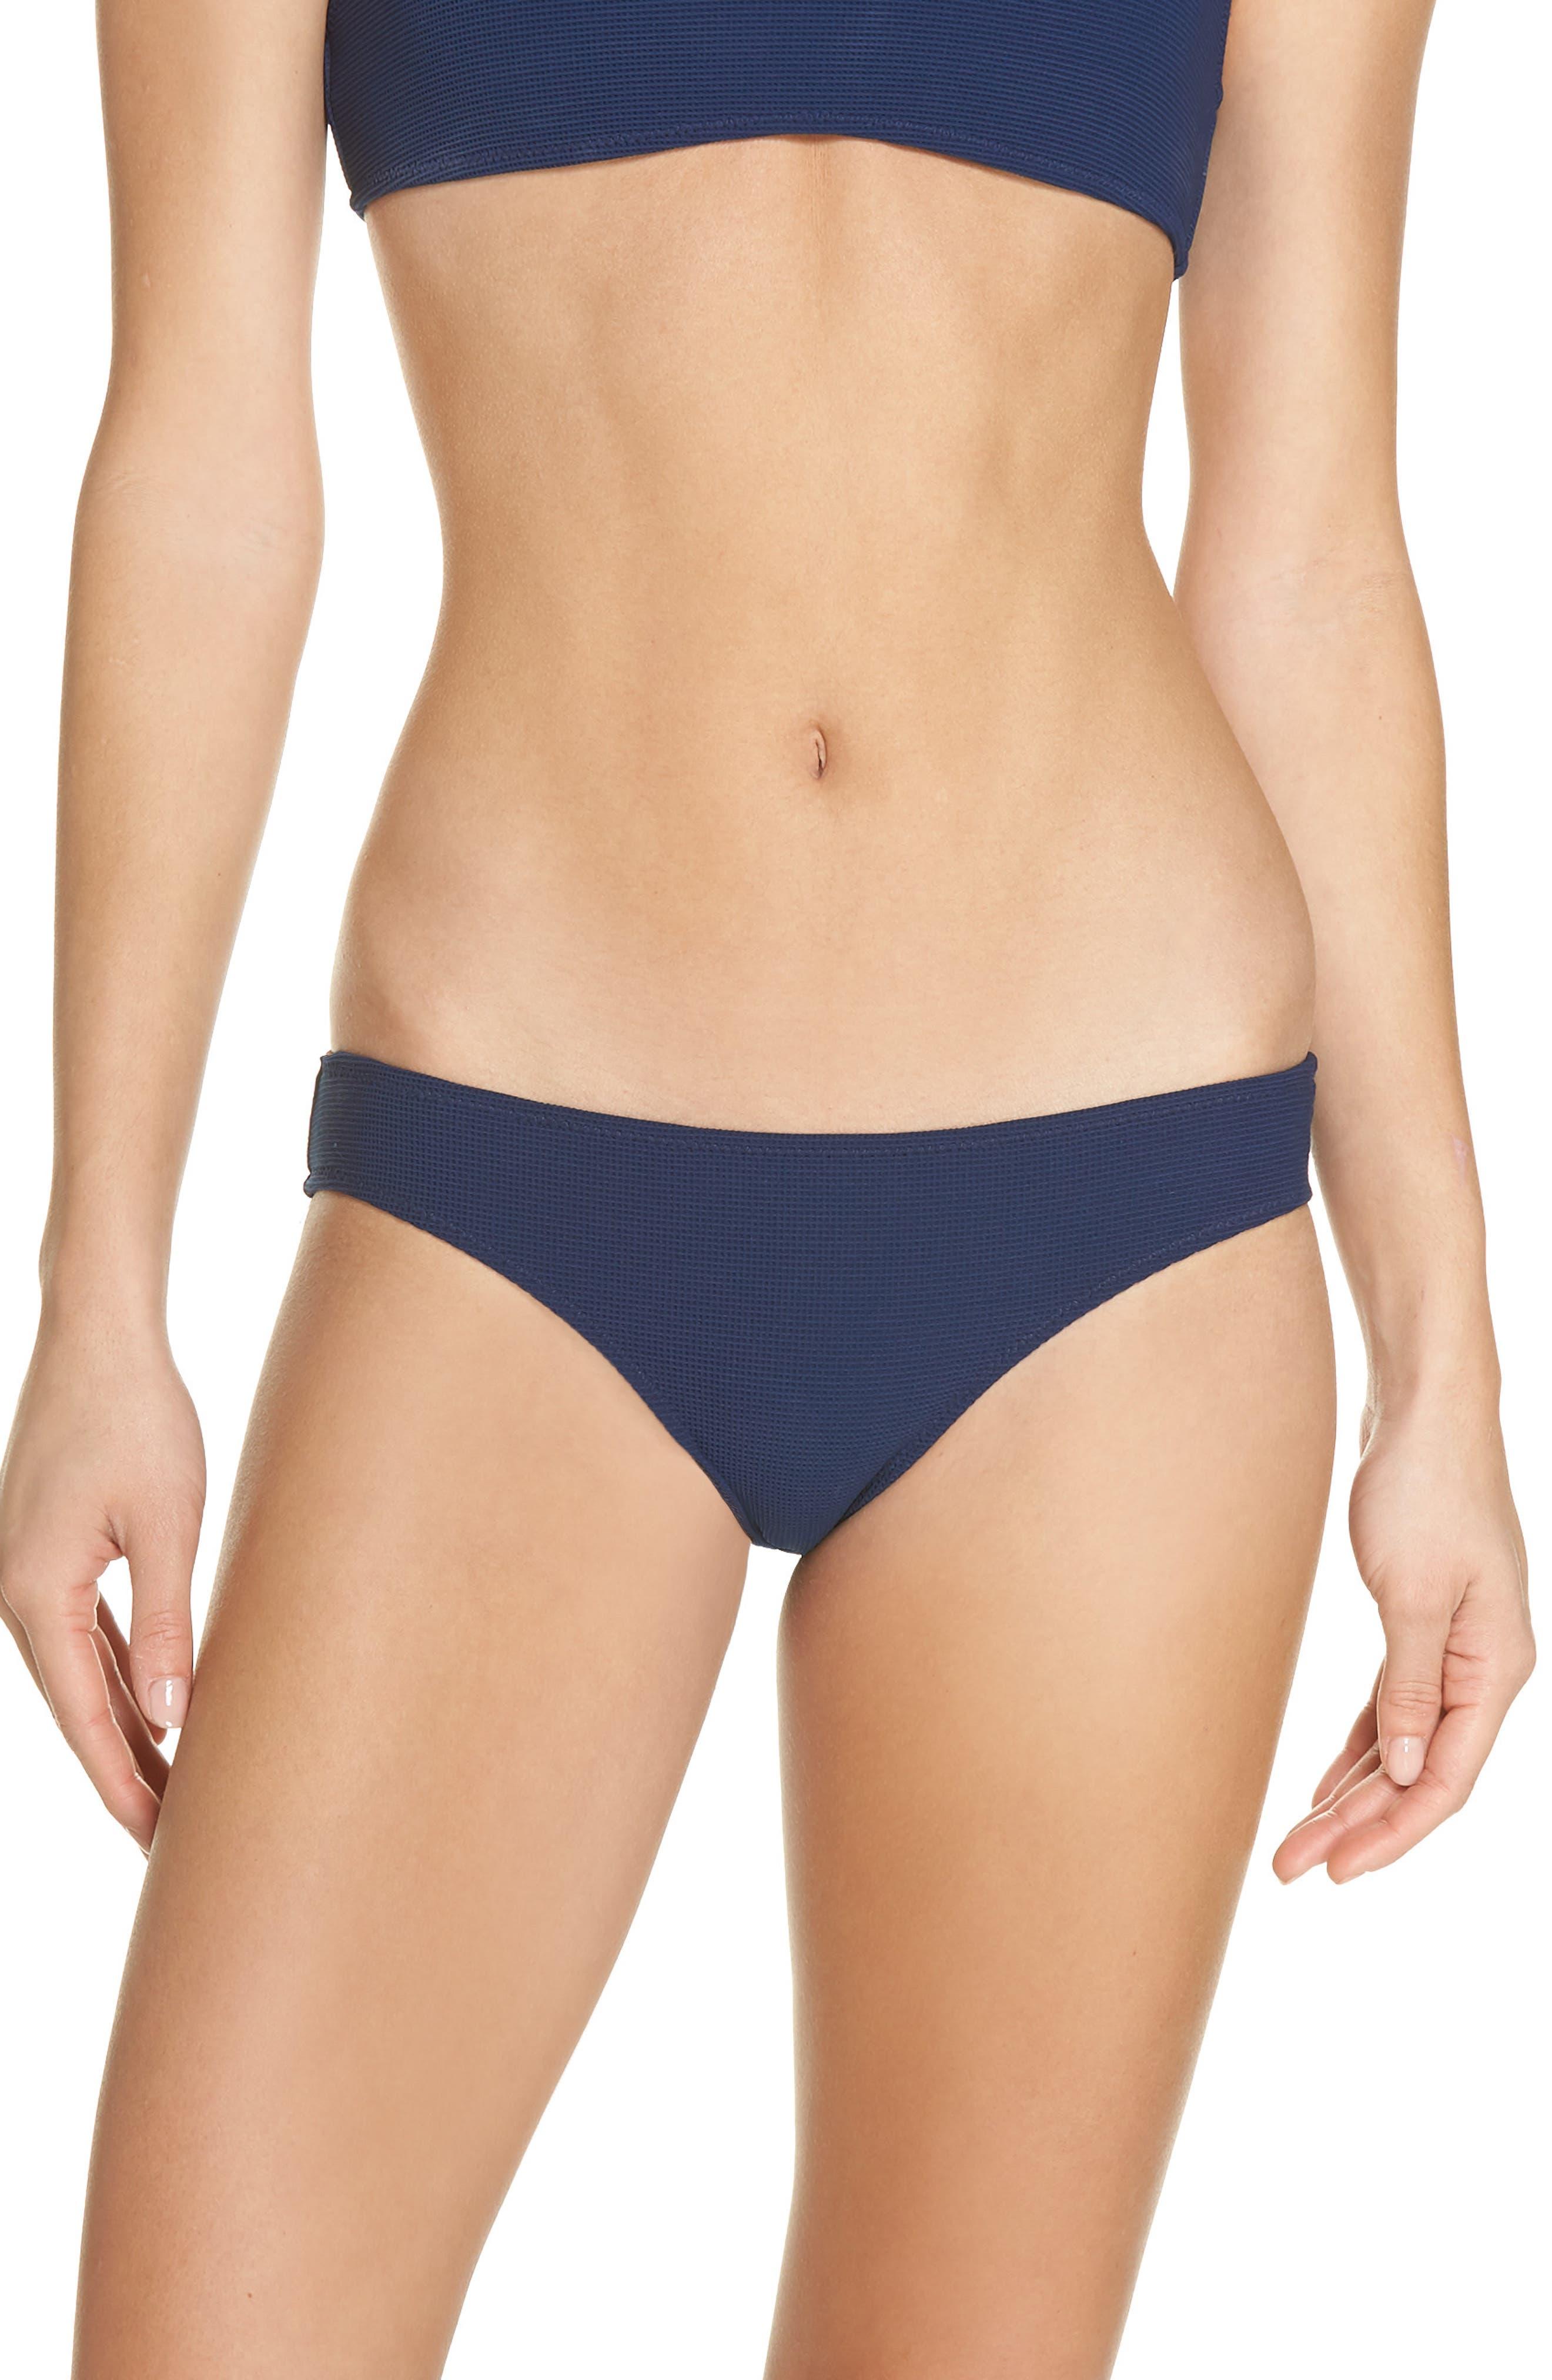 Elle Bikini Bottoms,                         Main,                         color, NAVY PIQUE